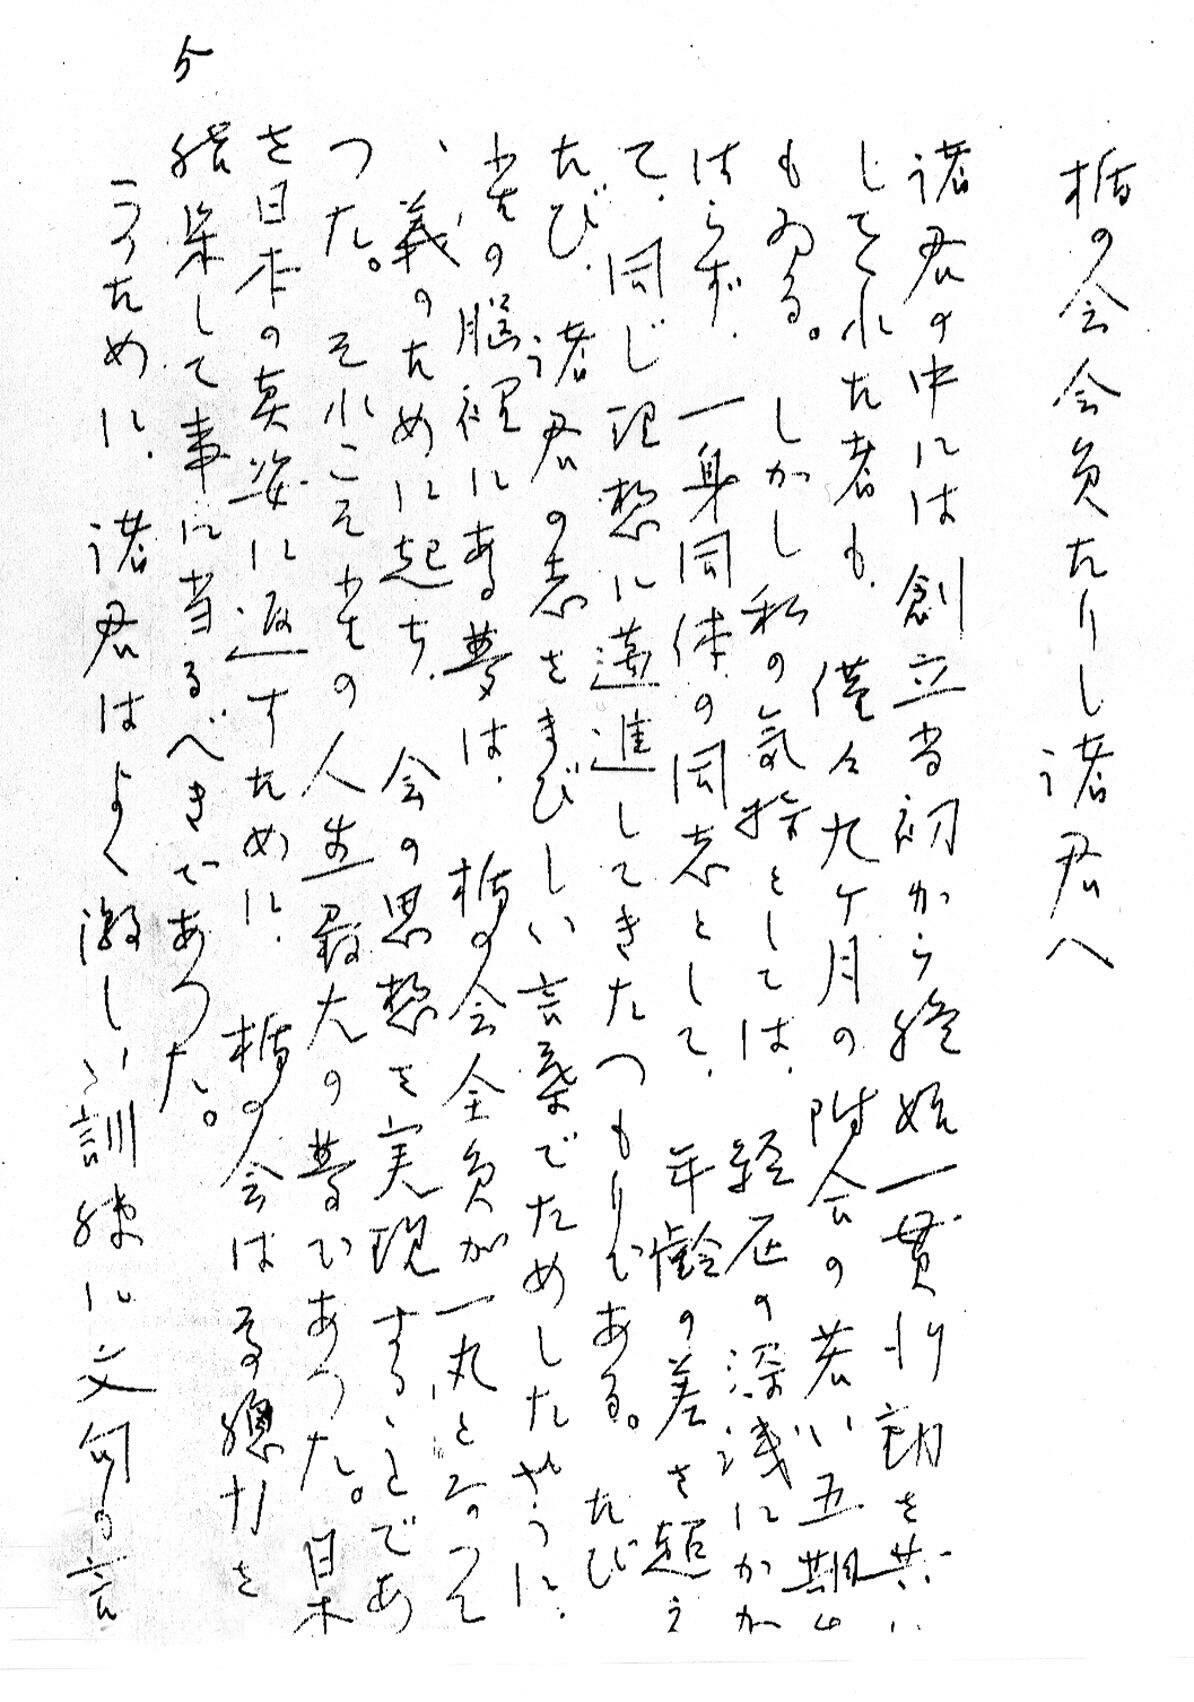 Посмертная записка, адресованная членам «Общества меча», с некоторыми из которых Мисима проник в штаб-квартиру Восточной части сухопутных Сил самообороны 25 ноября 1970 года (Jiji Press)